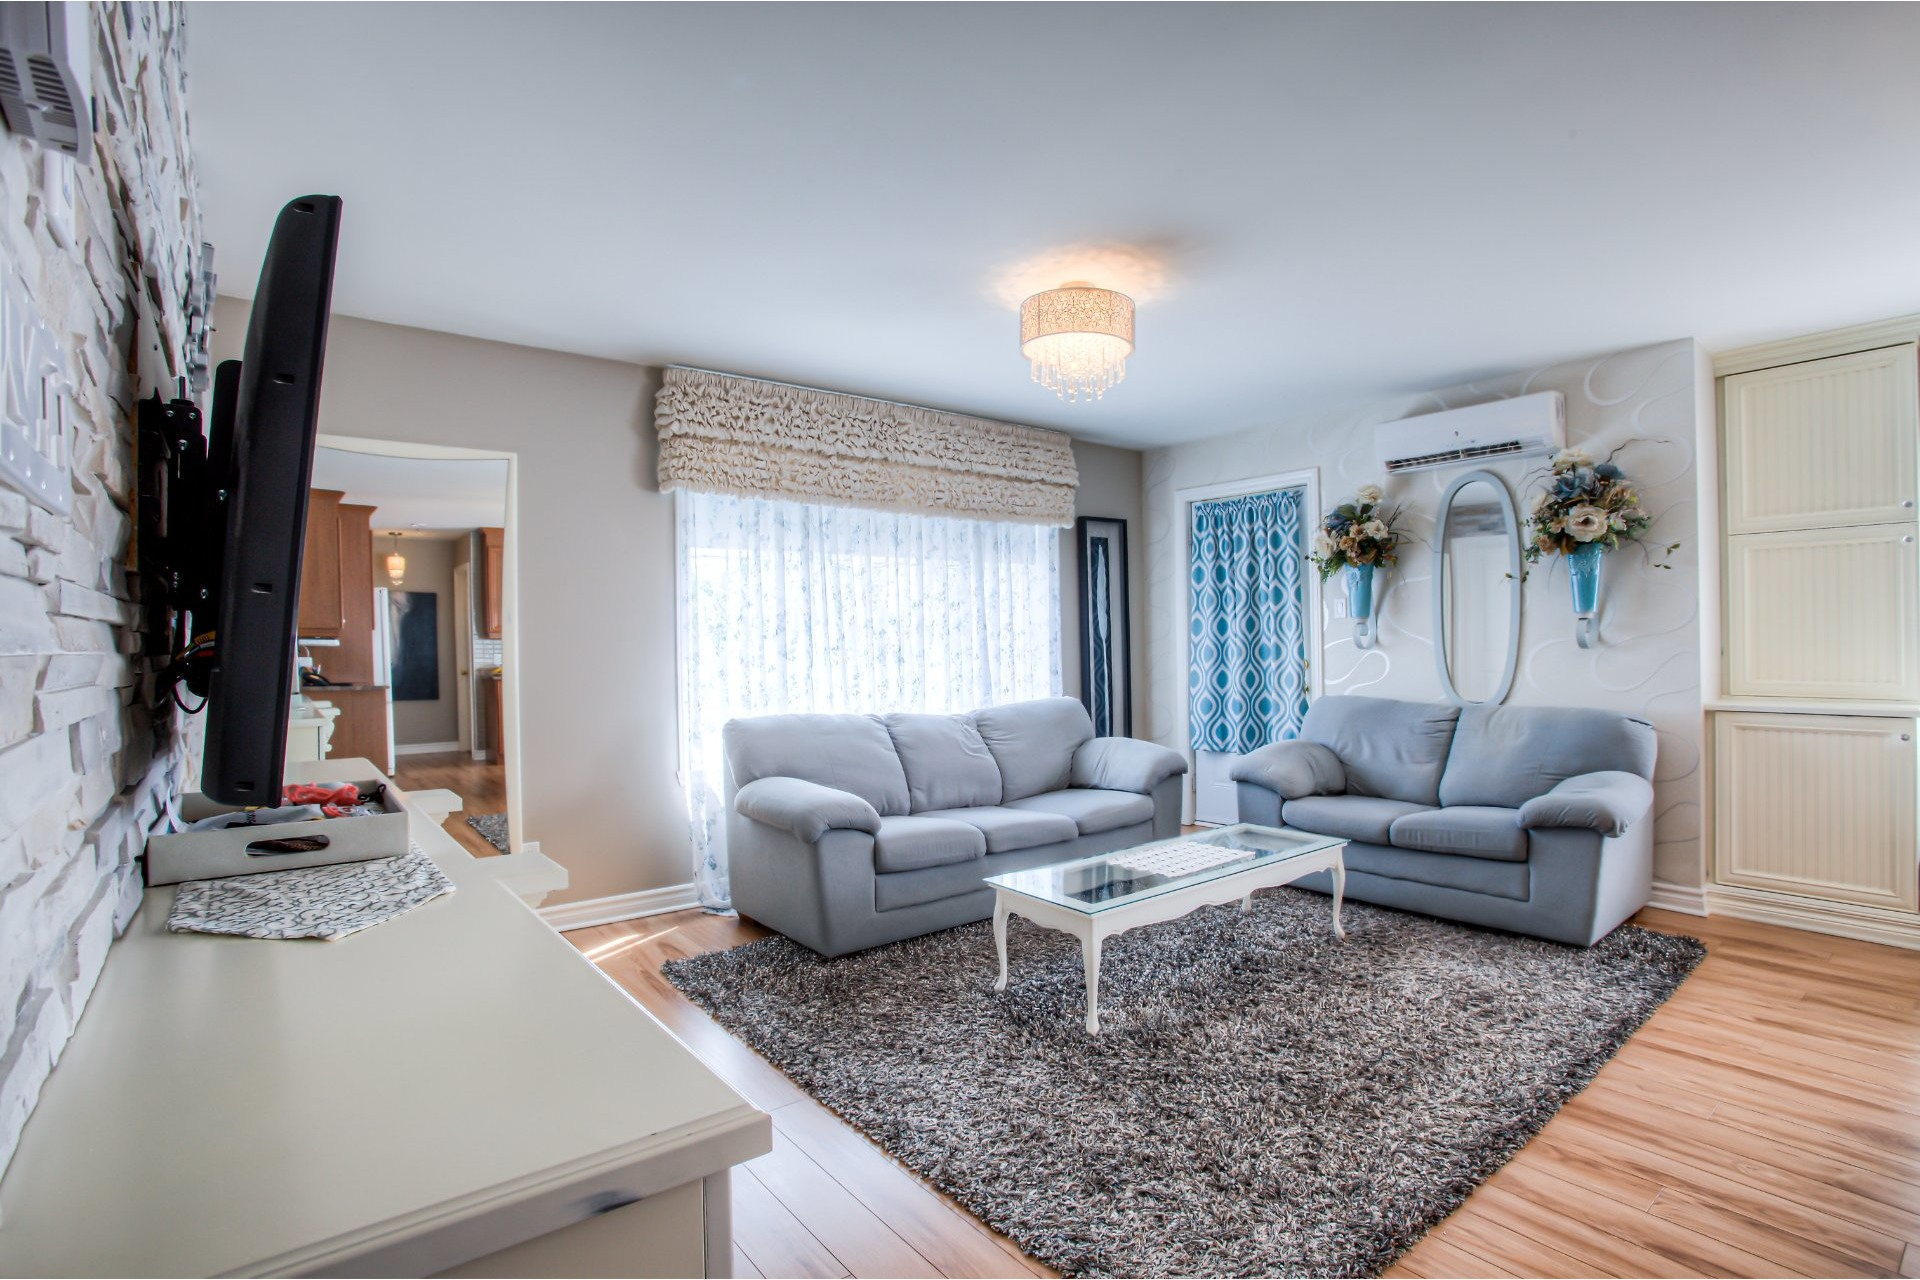 image 3 - Apartment For sale Pointe-des-Cascades - 6 rooms